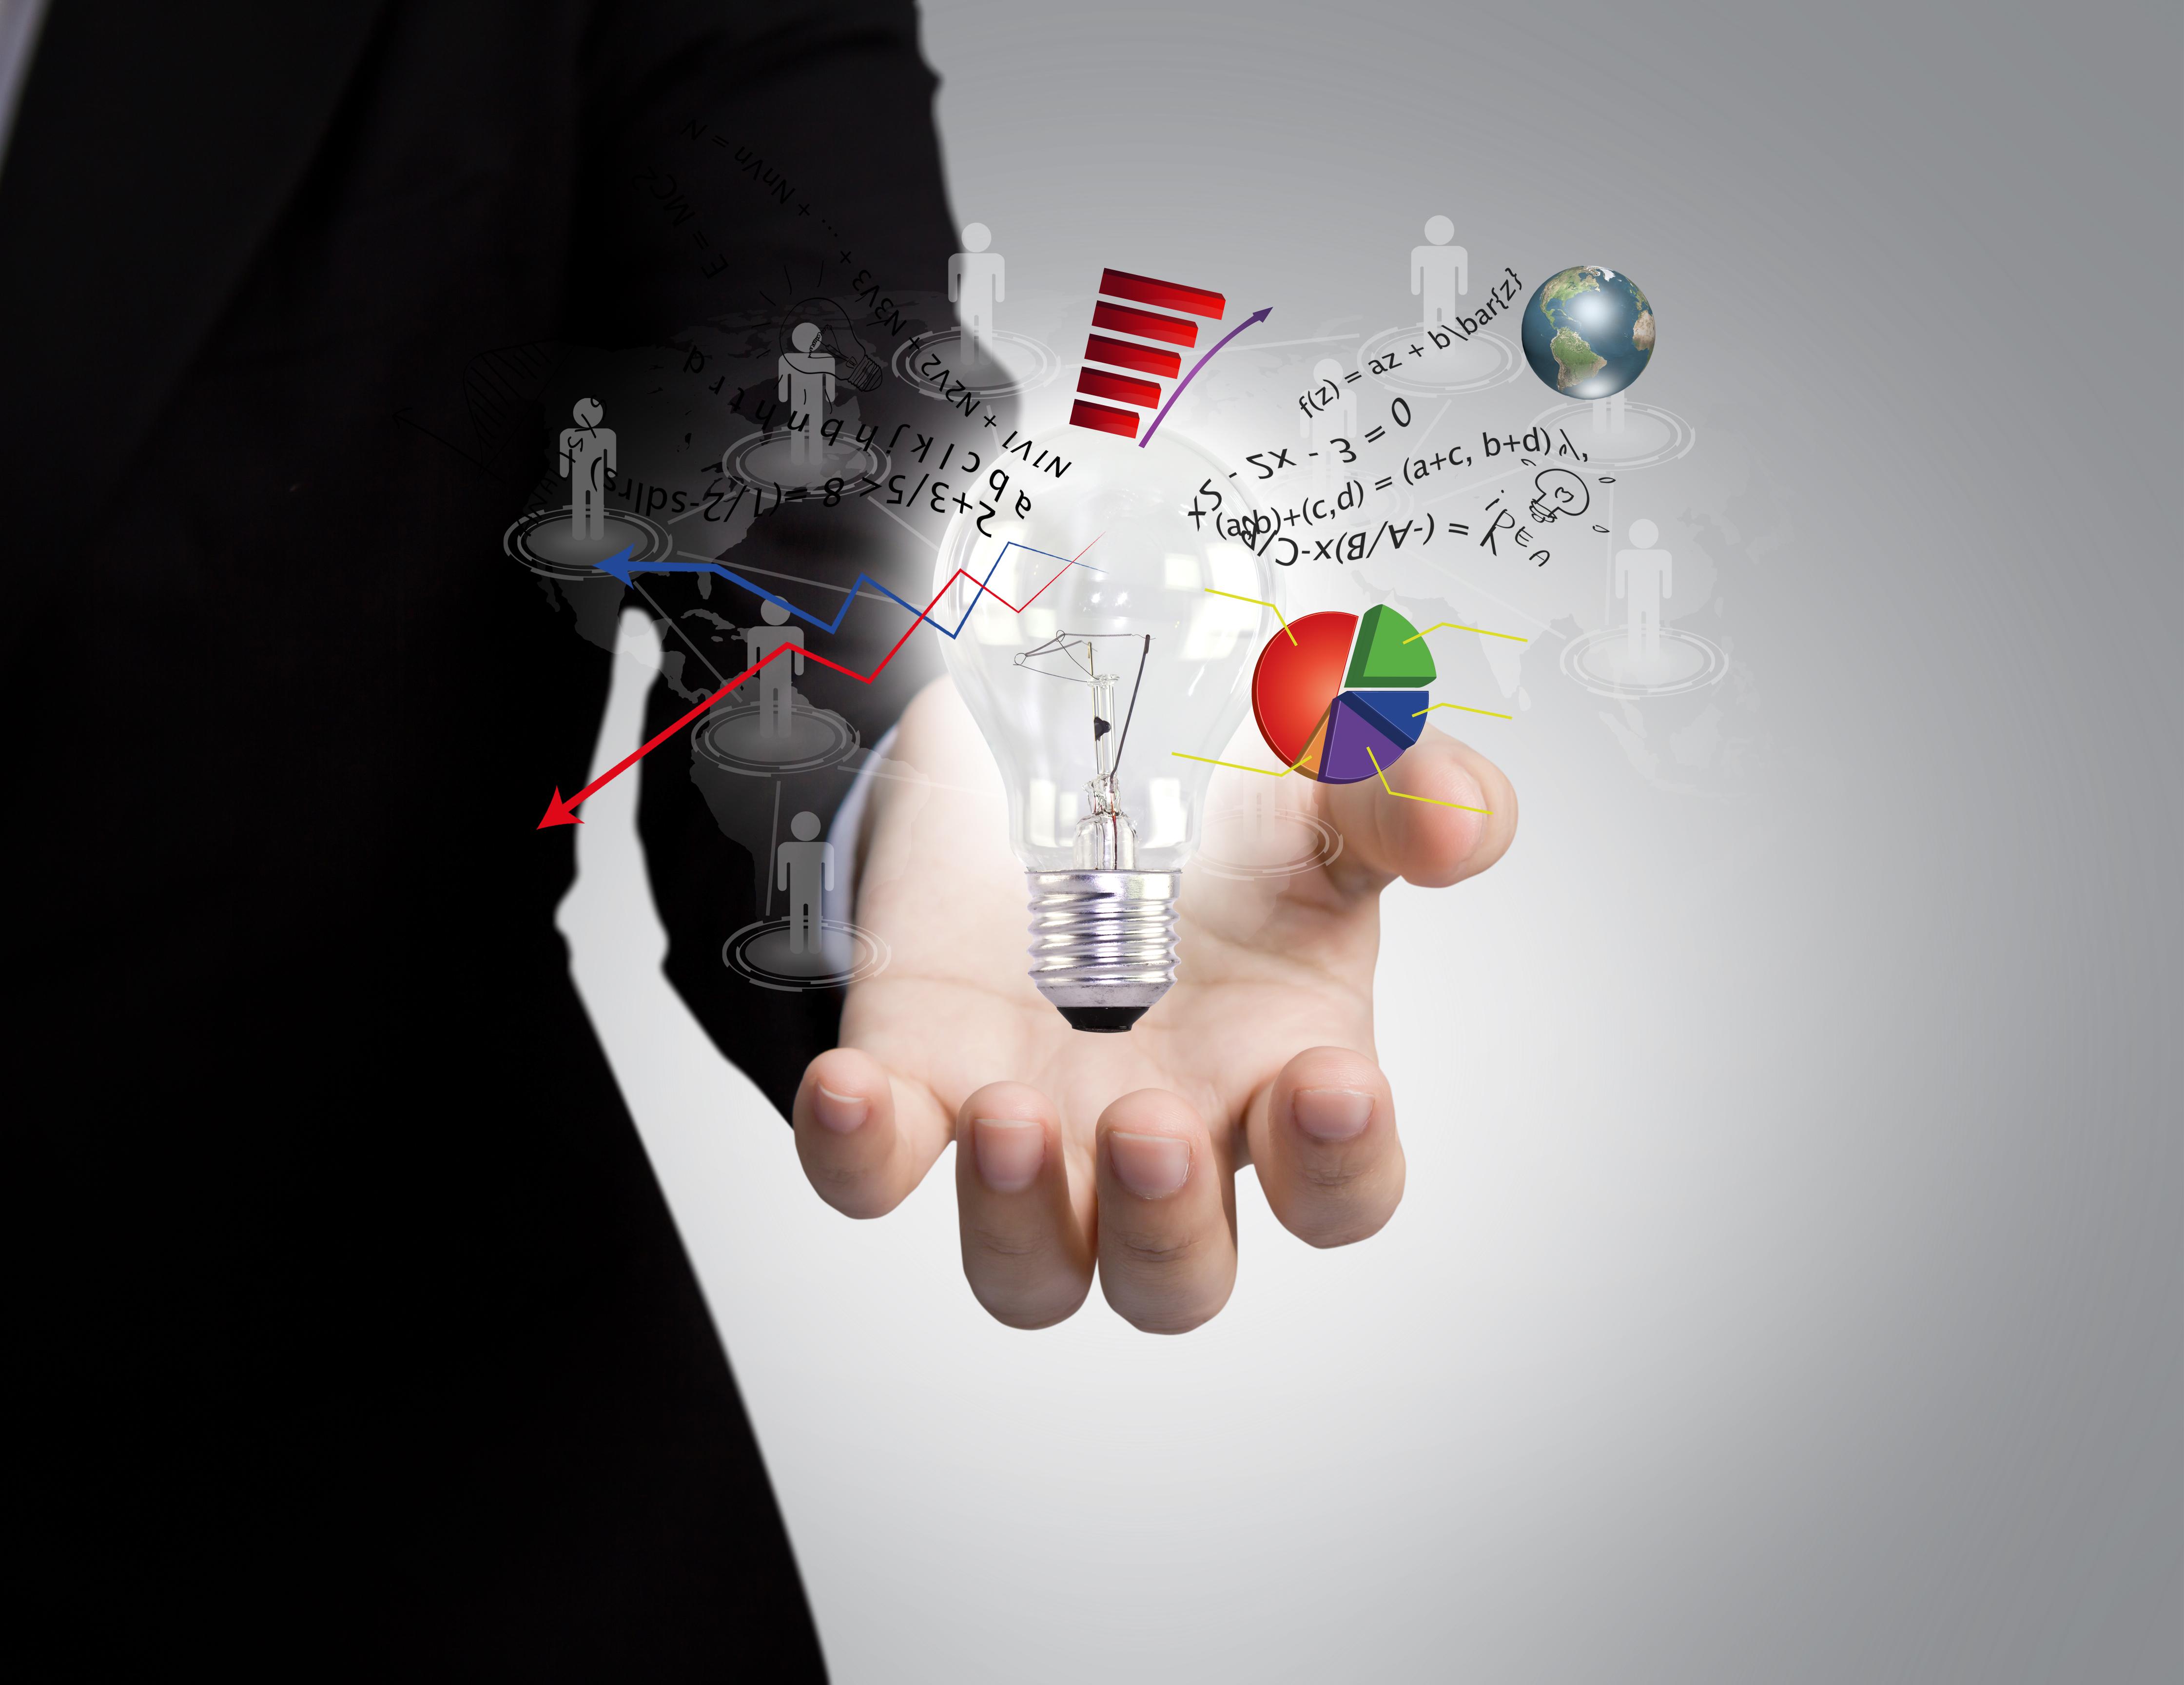 картинка для презентации инновации нужно отдать